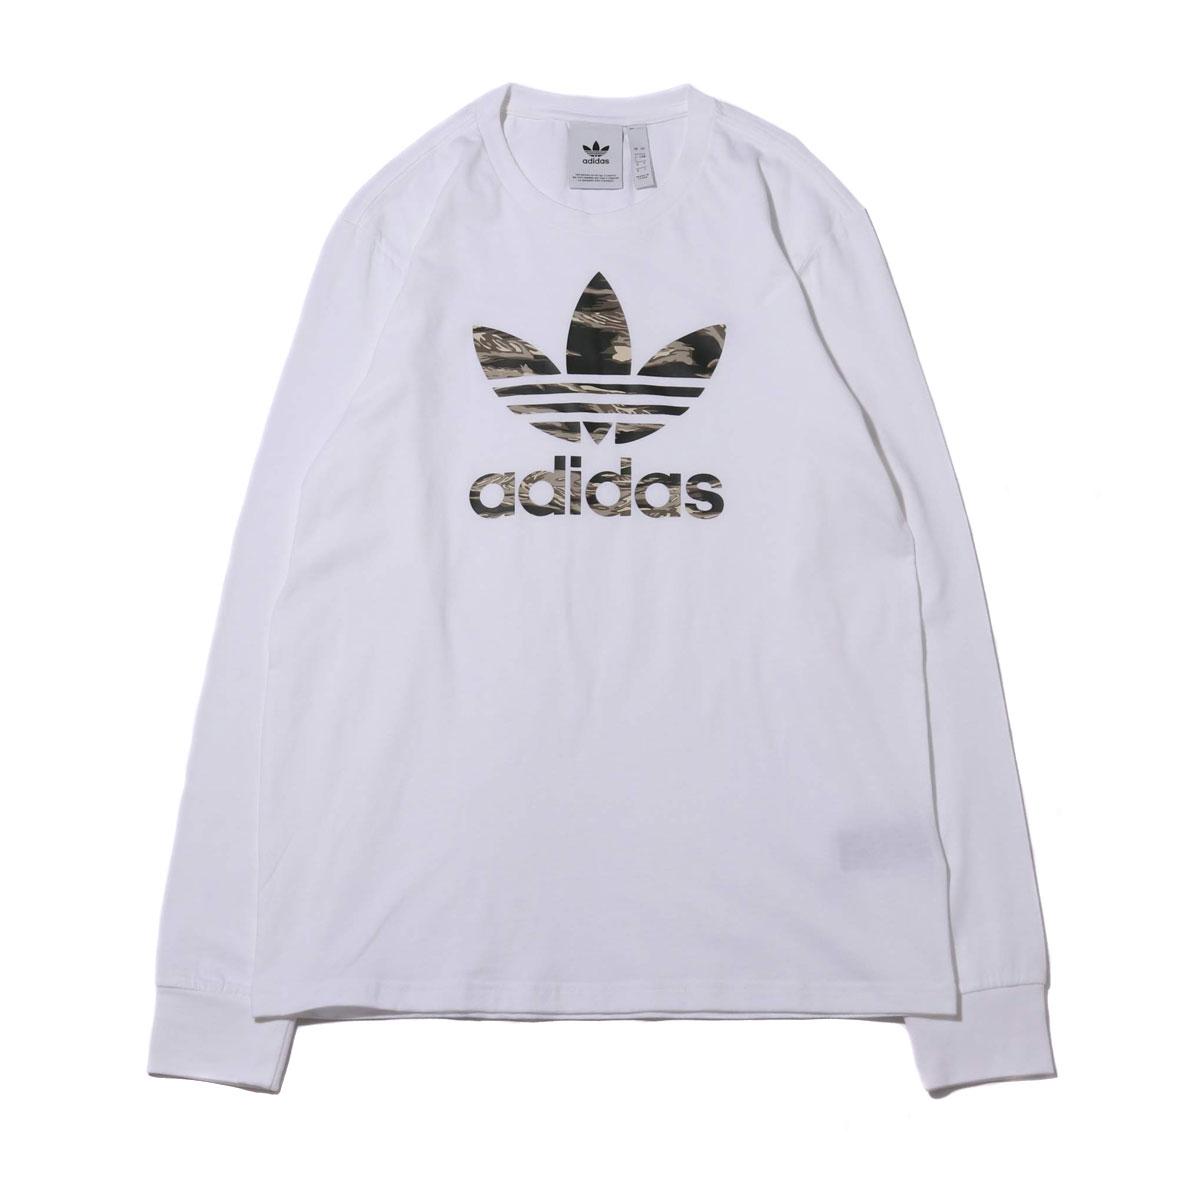 adidas CAMO TREFOIL LS TEE(アディダス カモ トレフォイル ロングスリーブ Tシャツ)WHITE【メンズ 長袖Tシャツ】19FW-I